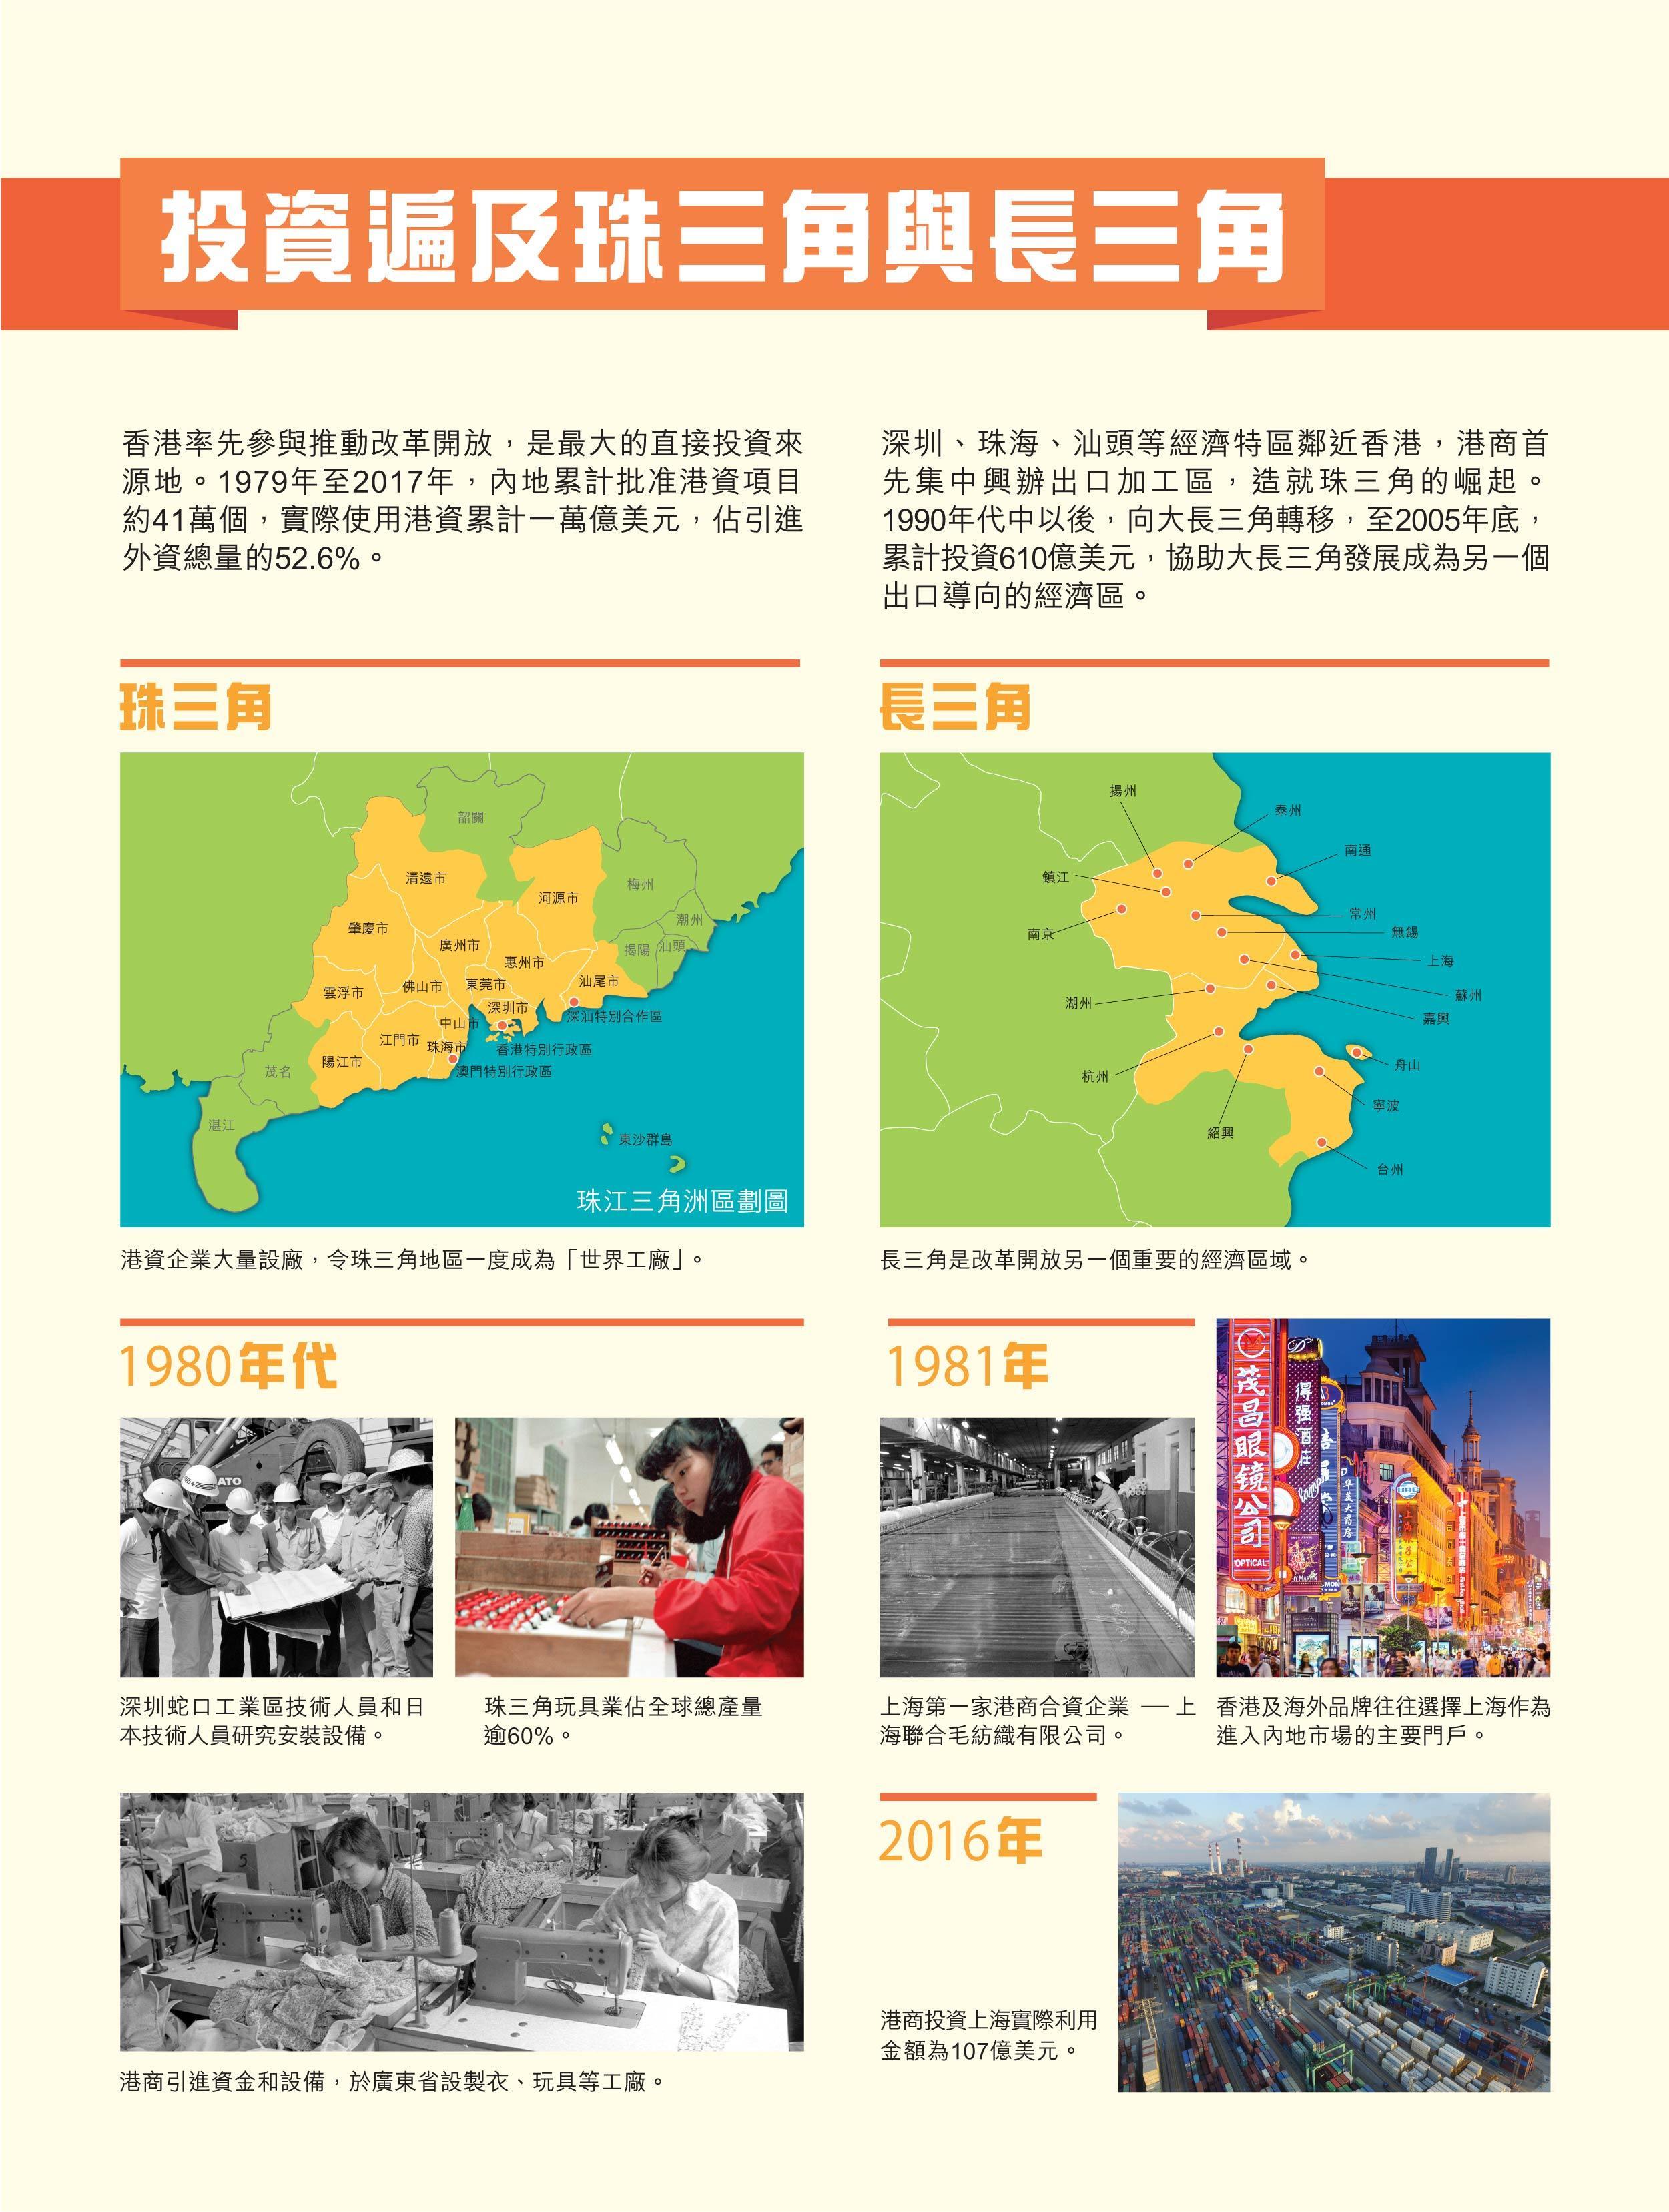 gaige_xiangganggongxian_panel_p2_aw_oct29_websize-touzibianji